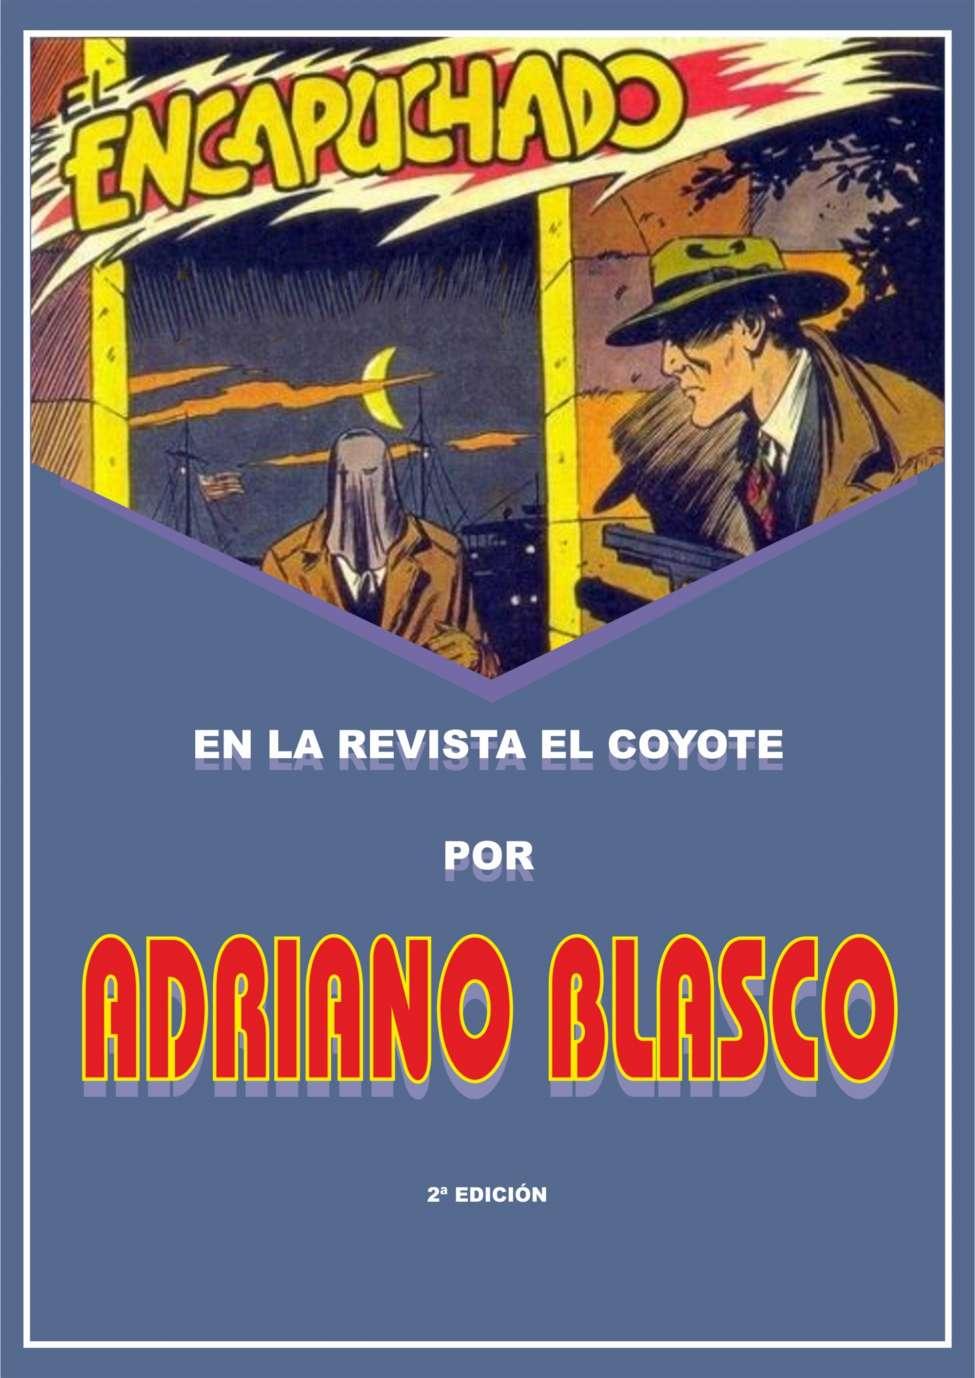 Comic Book Cover For El Encapuchado en la revista El Coyote por Adriano Blasco 2d Ed